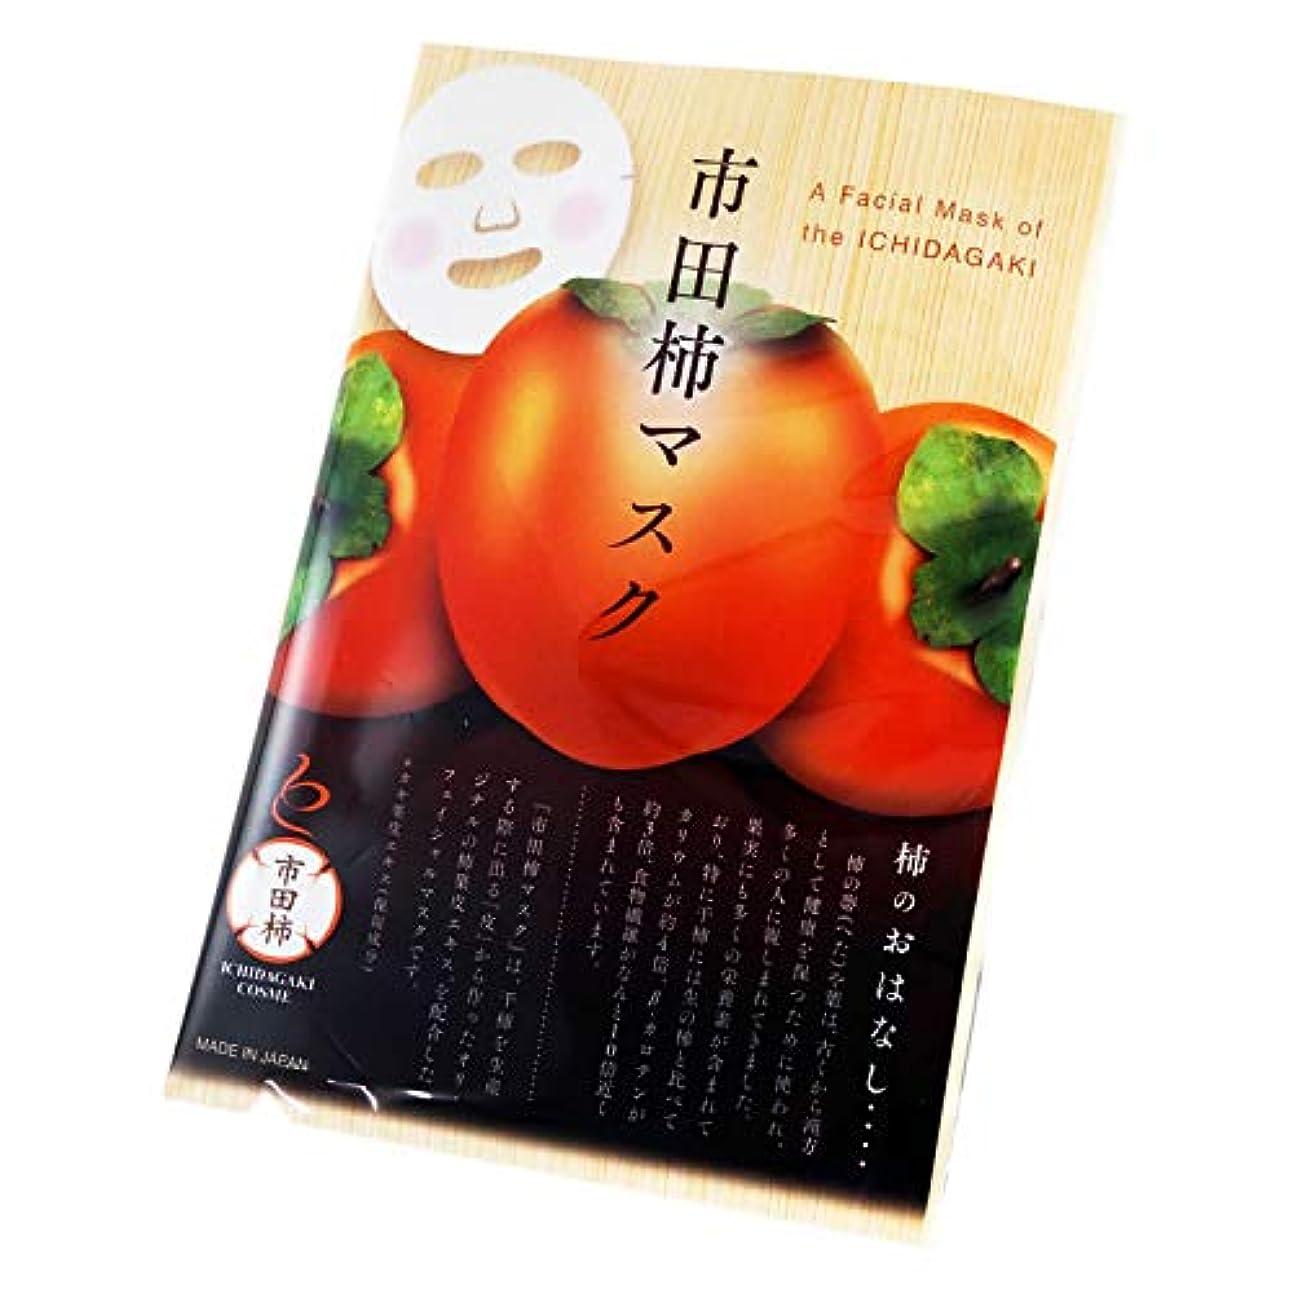 ジョセフバンクスターミナル大学市田柿コスメ フェイスマスク 1枚